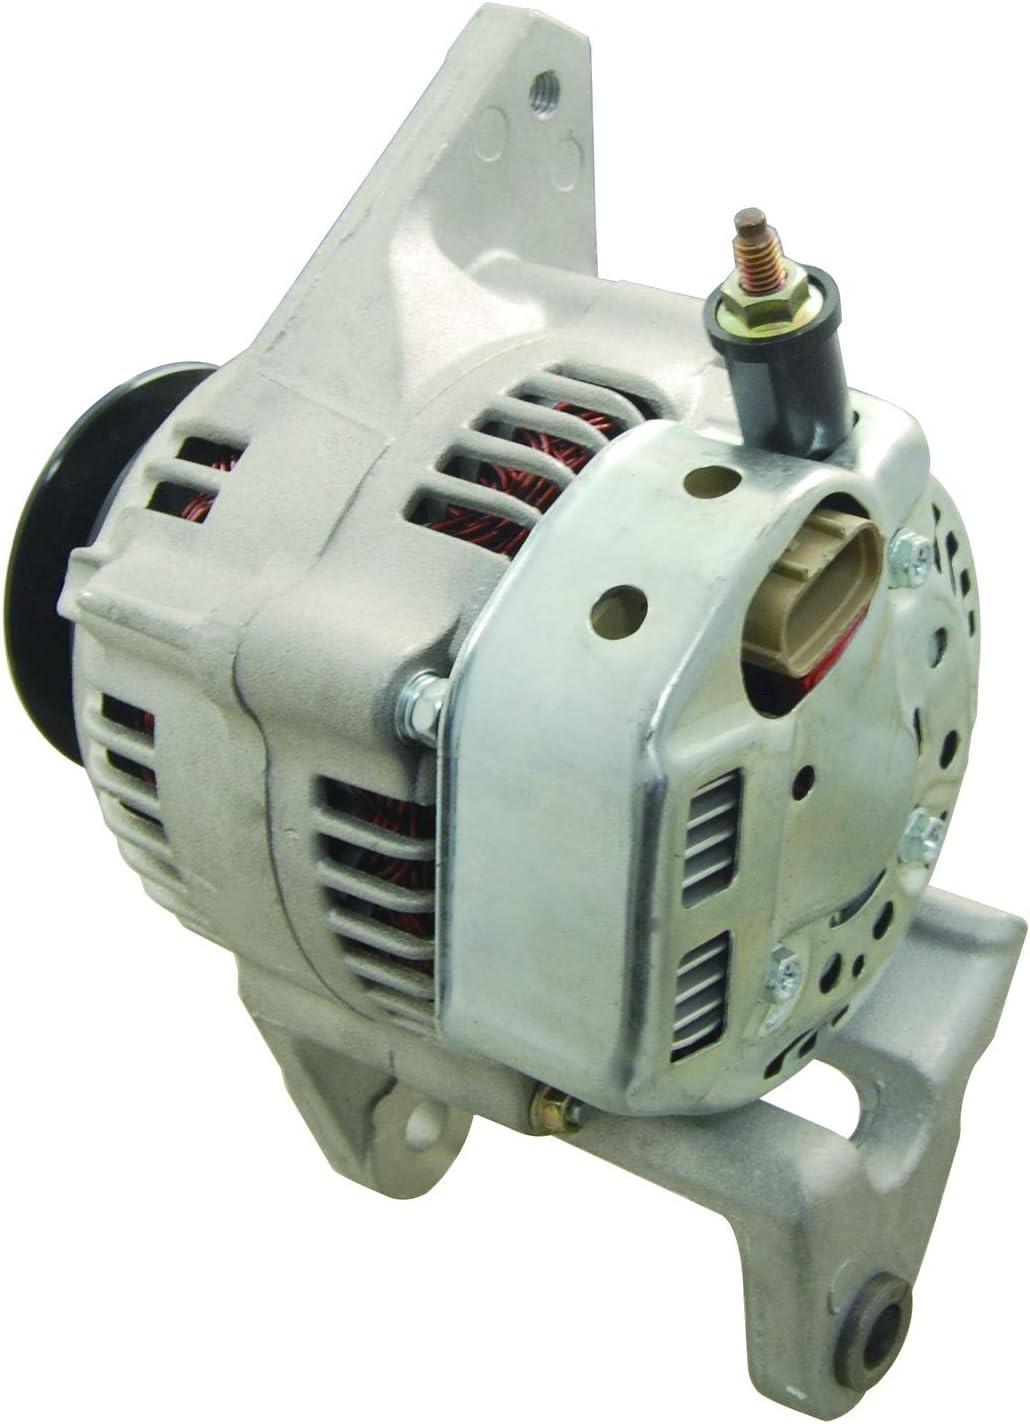 New Alternator For Caterpillar Mini Excavator 301 302 303 304 101211-2770 12470